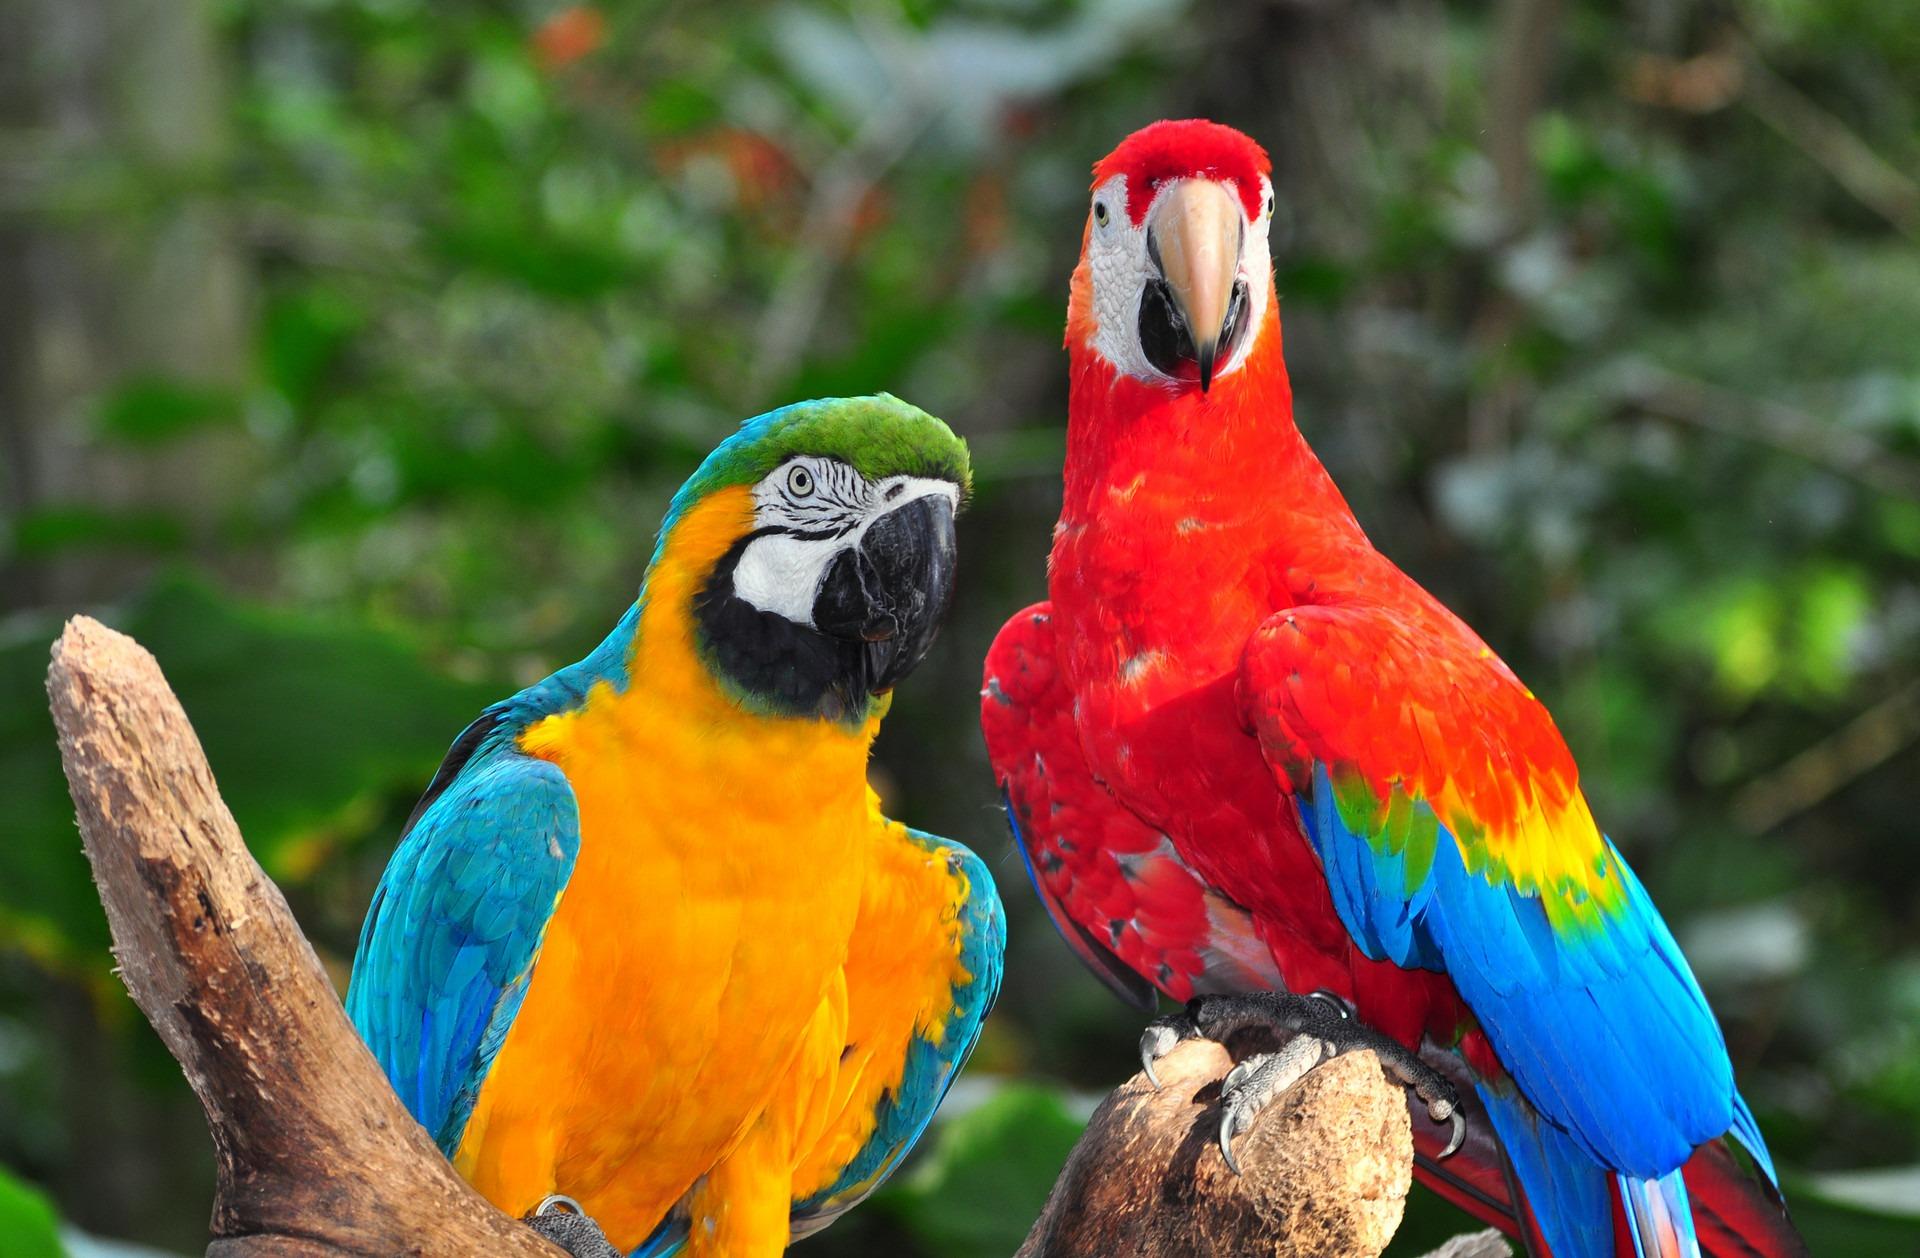 wyprawy-Perły-Ameryki-Południowej-Brazylia-Fauna-Flora-ptaki